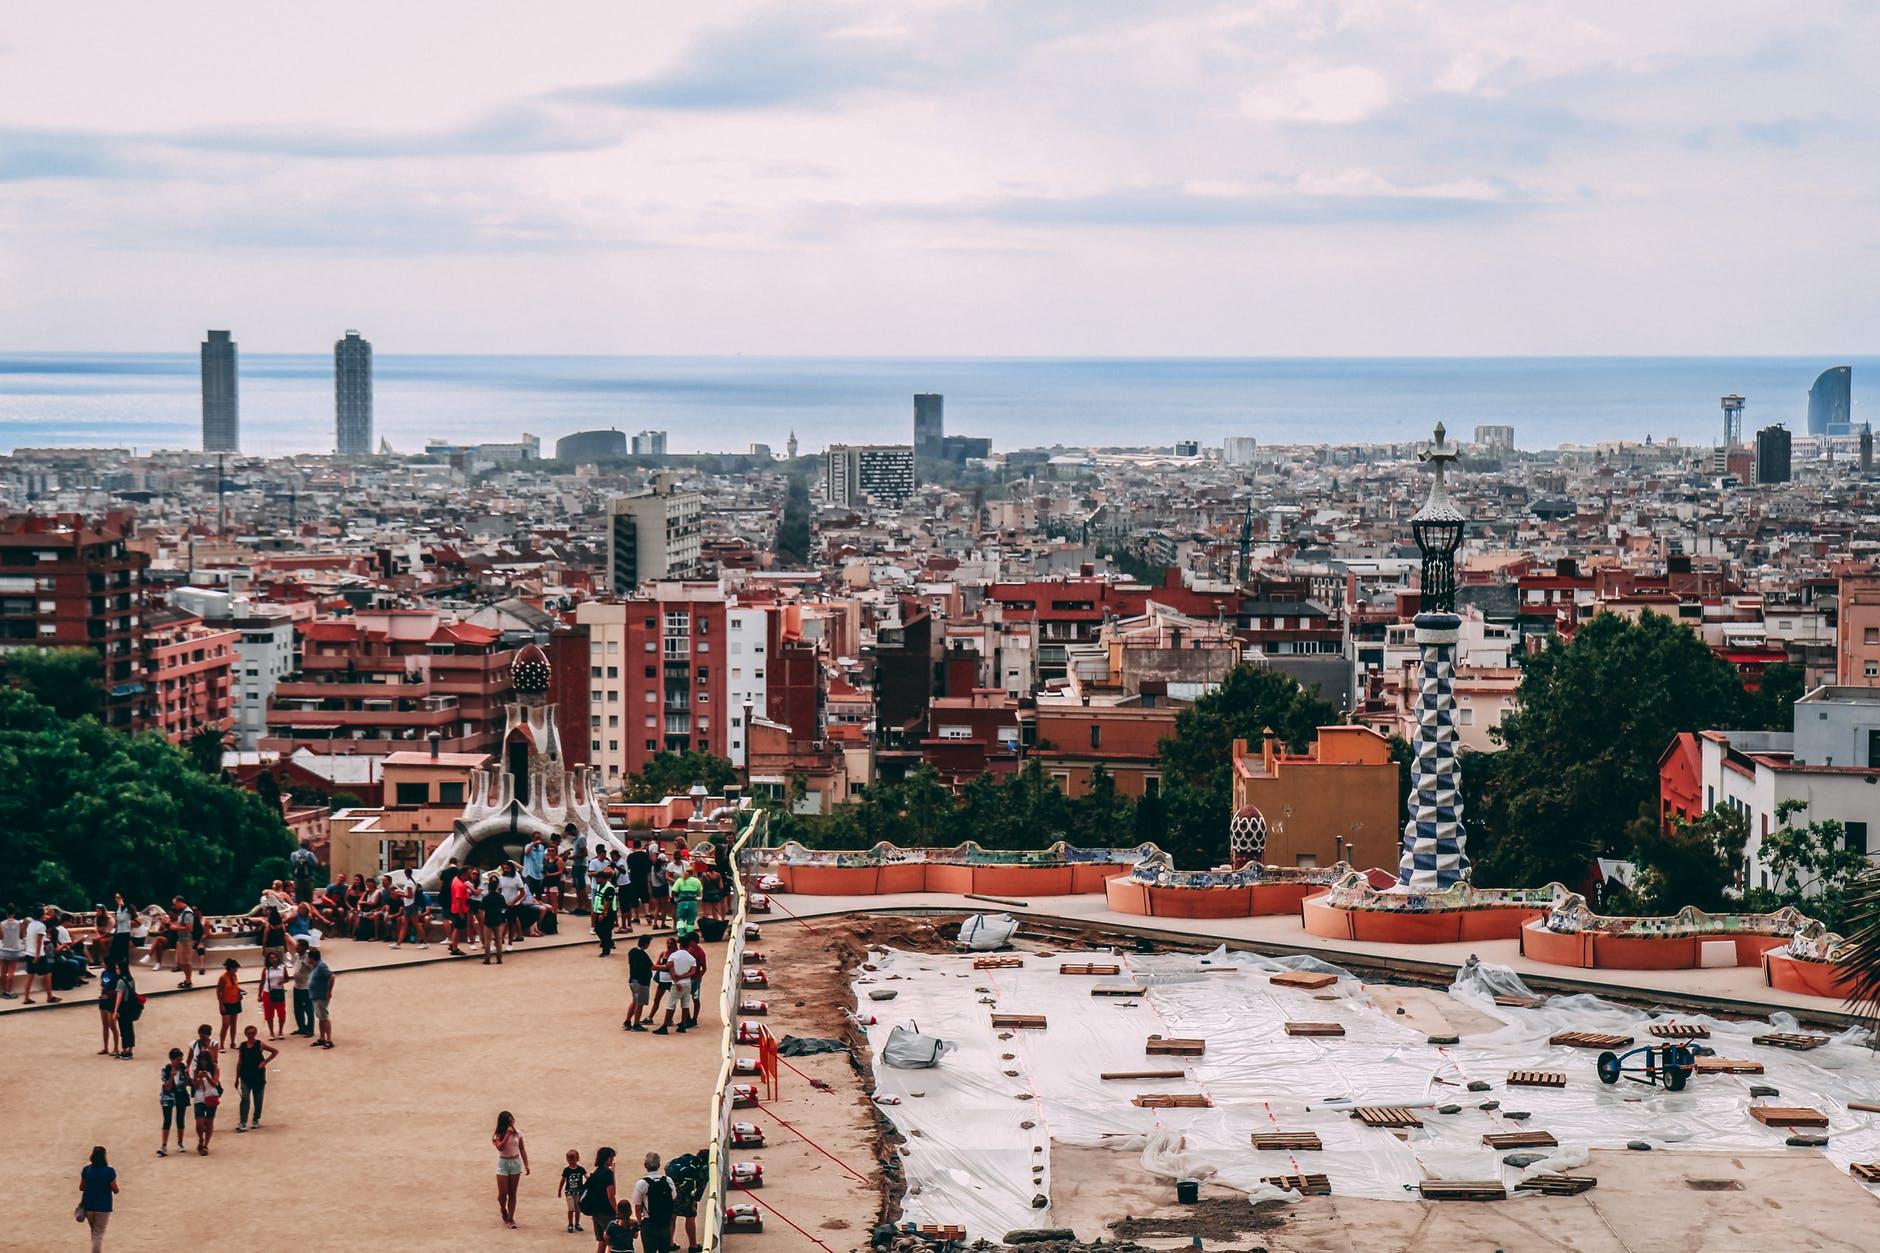 Барселона на 14 месте среди лучших городов мира по версии Time Out